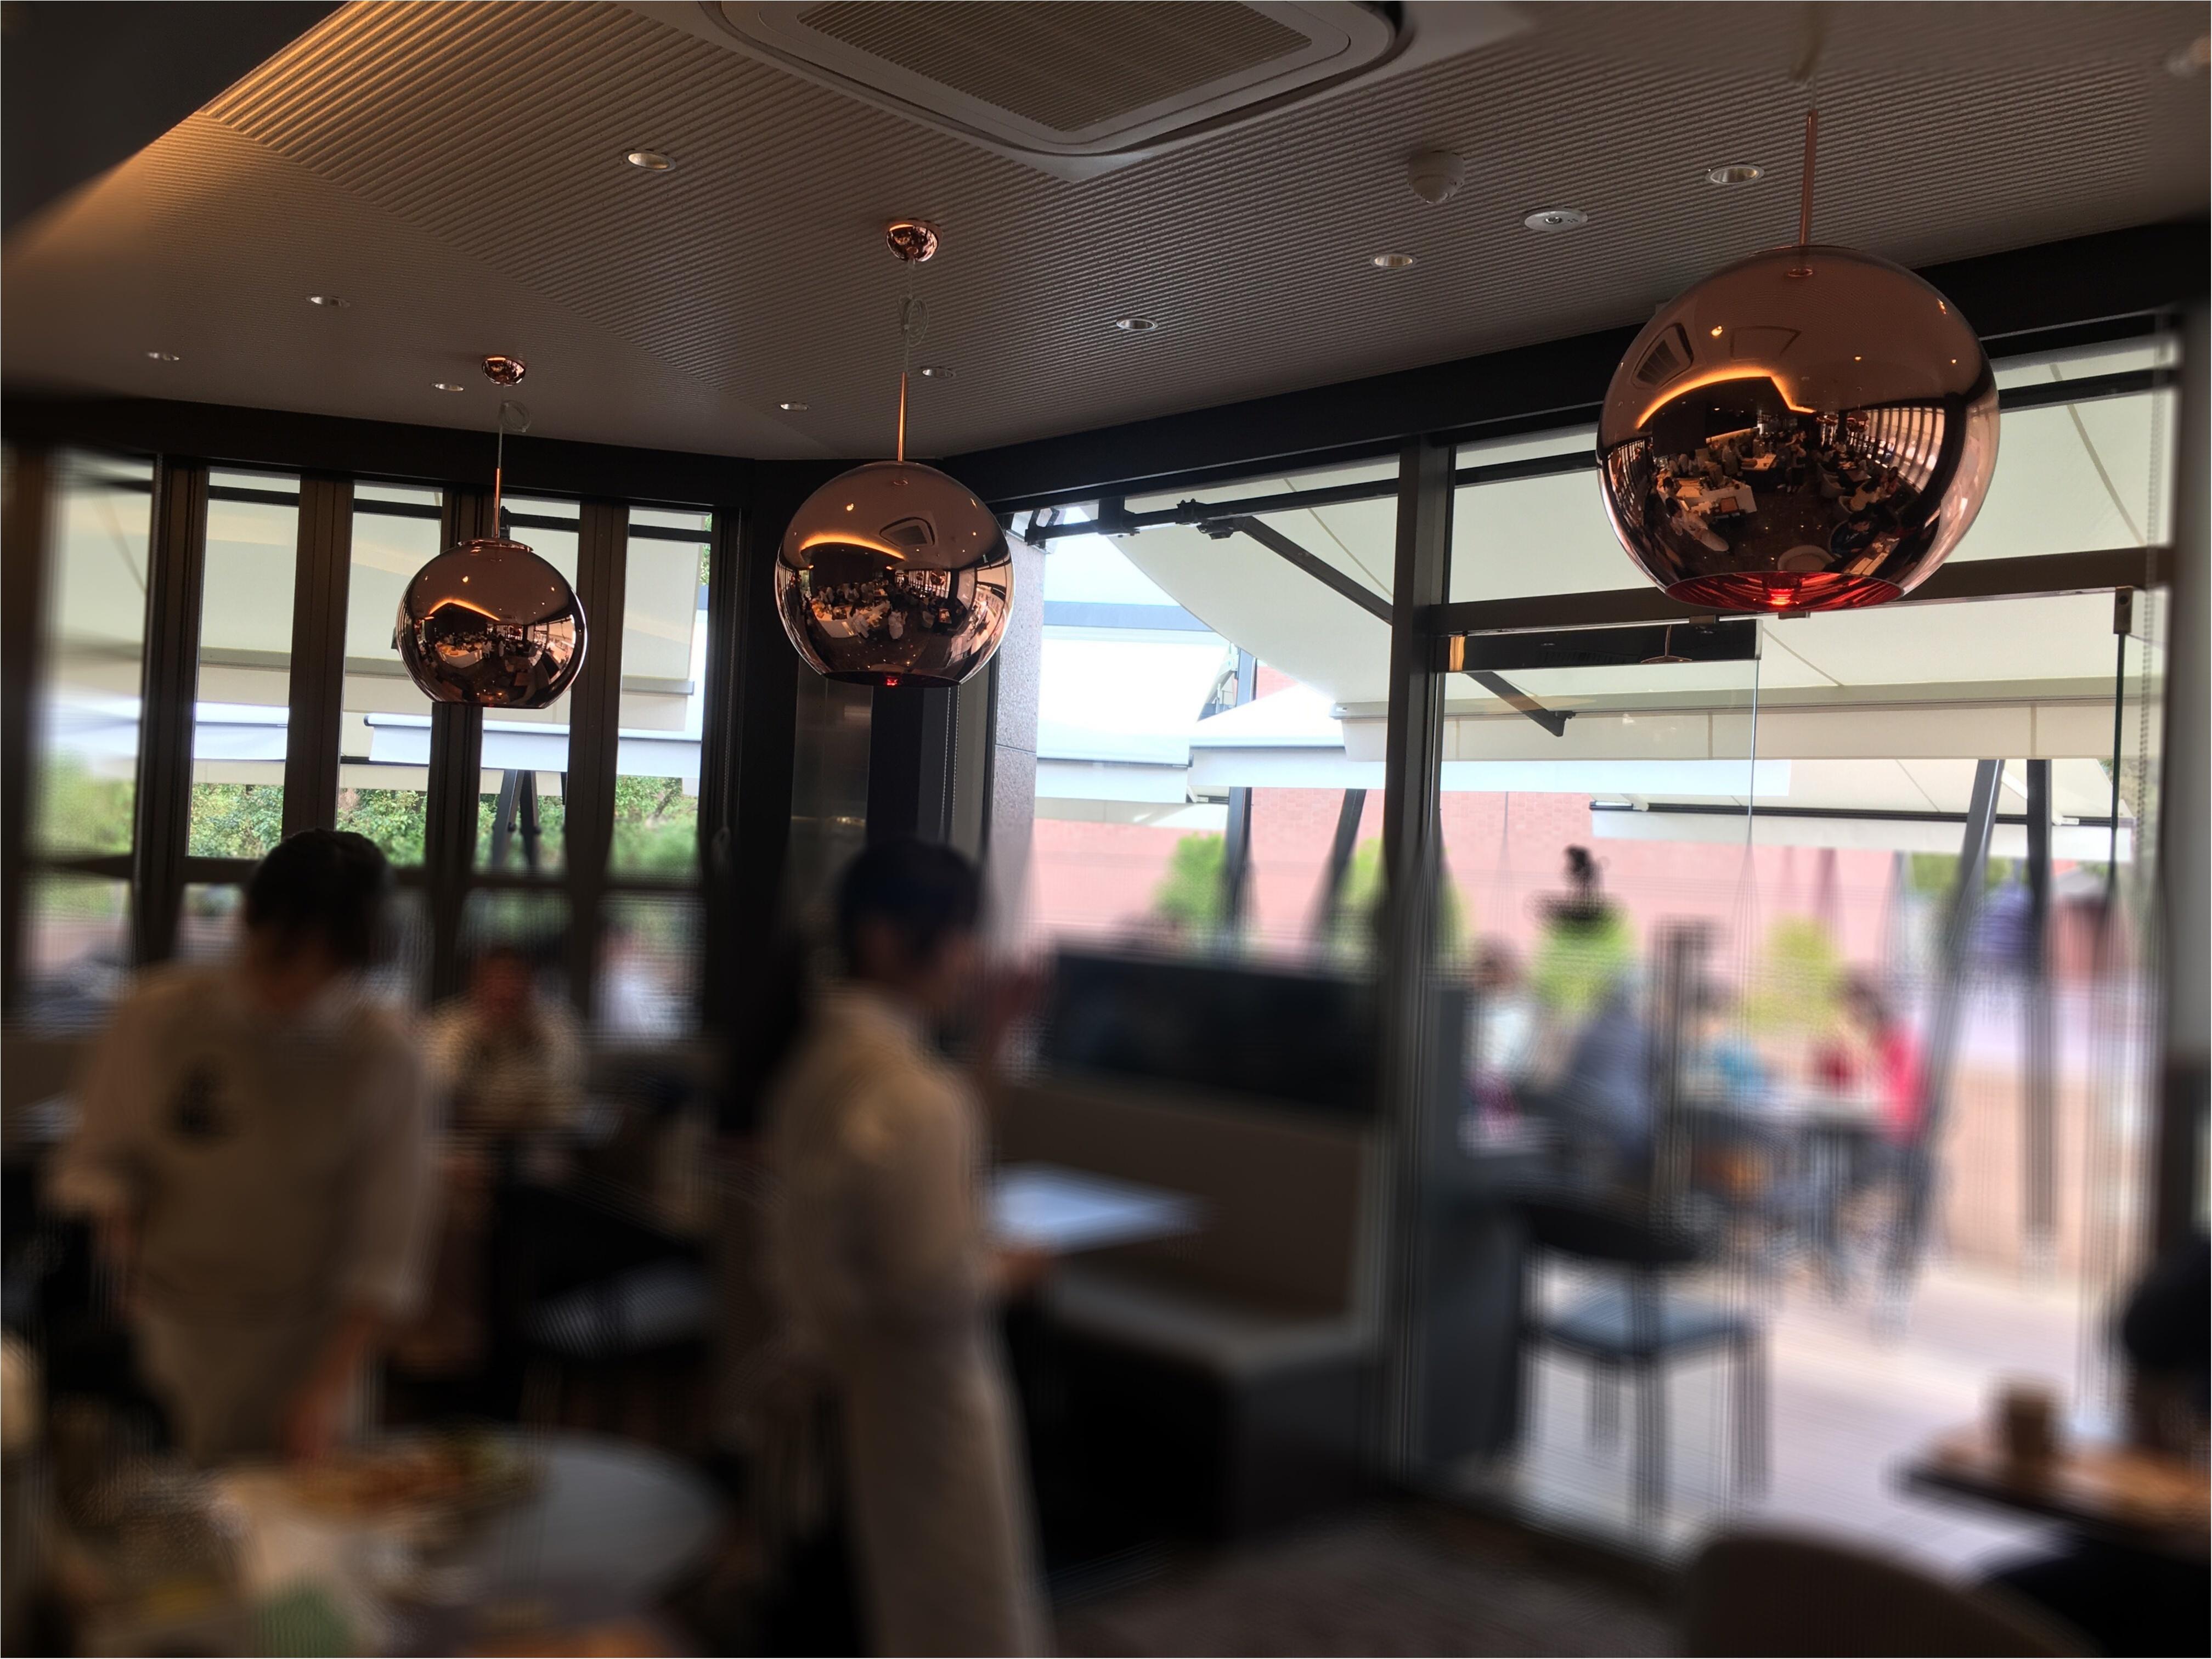 俺の◯◯シリーズに新店登場!!❥恵比寿にNew Openの♡俺のベーカリー&カフェに行ってきました♡_3